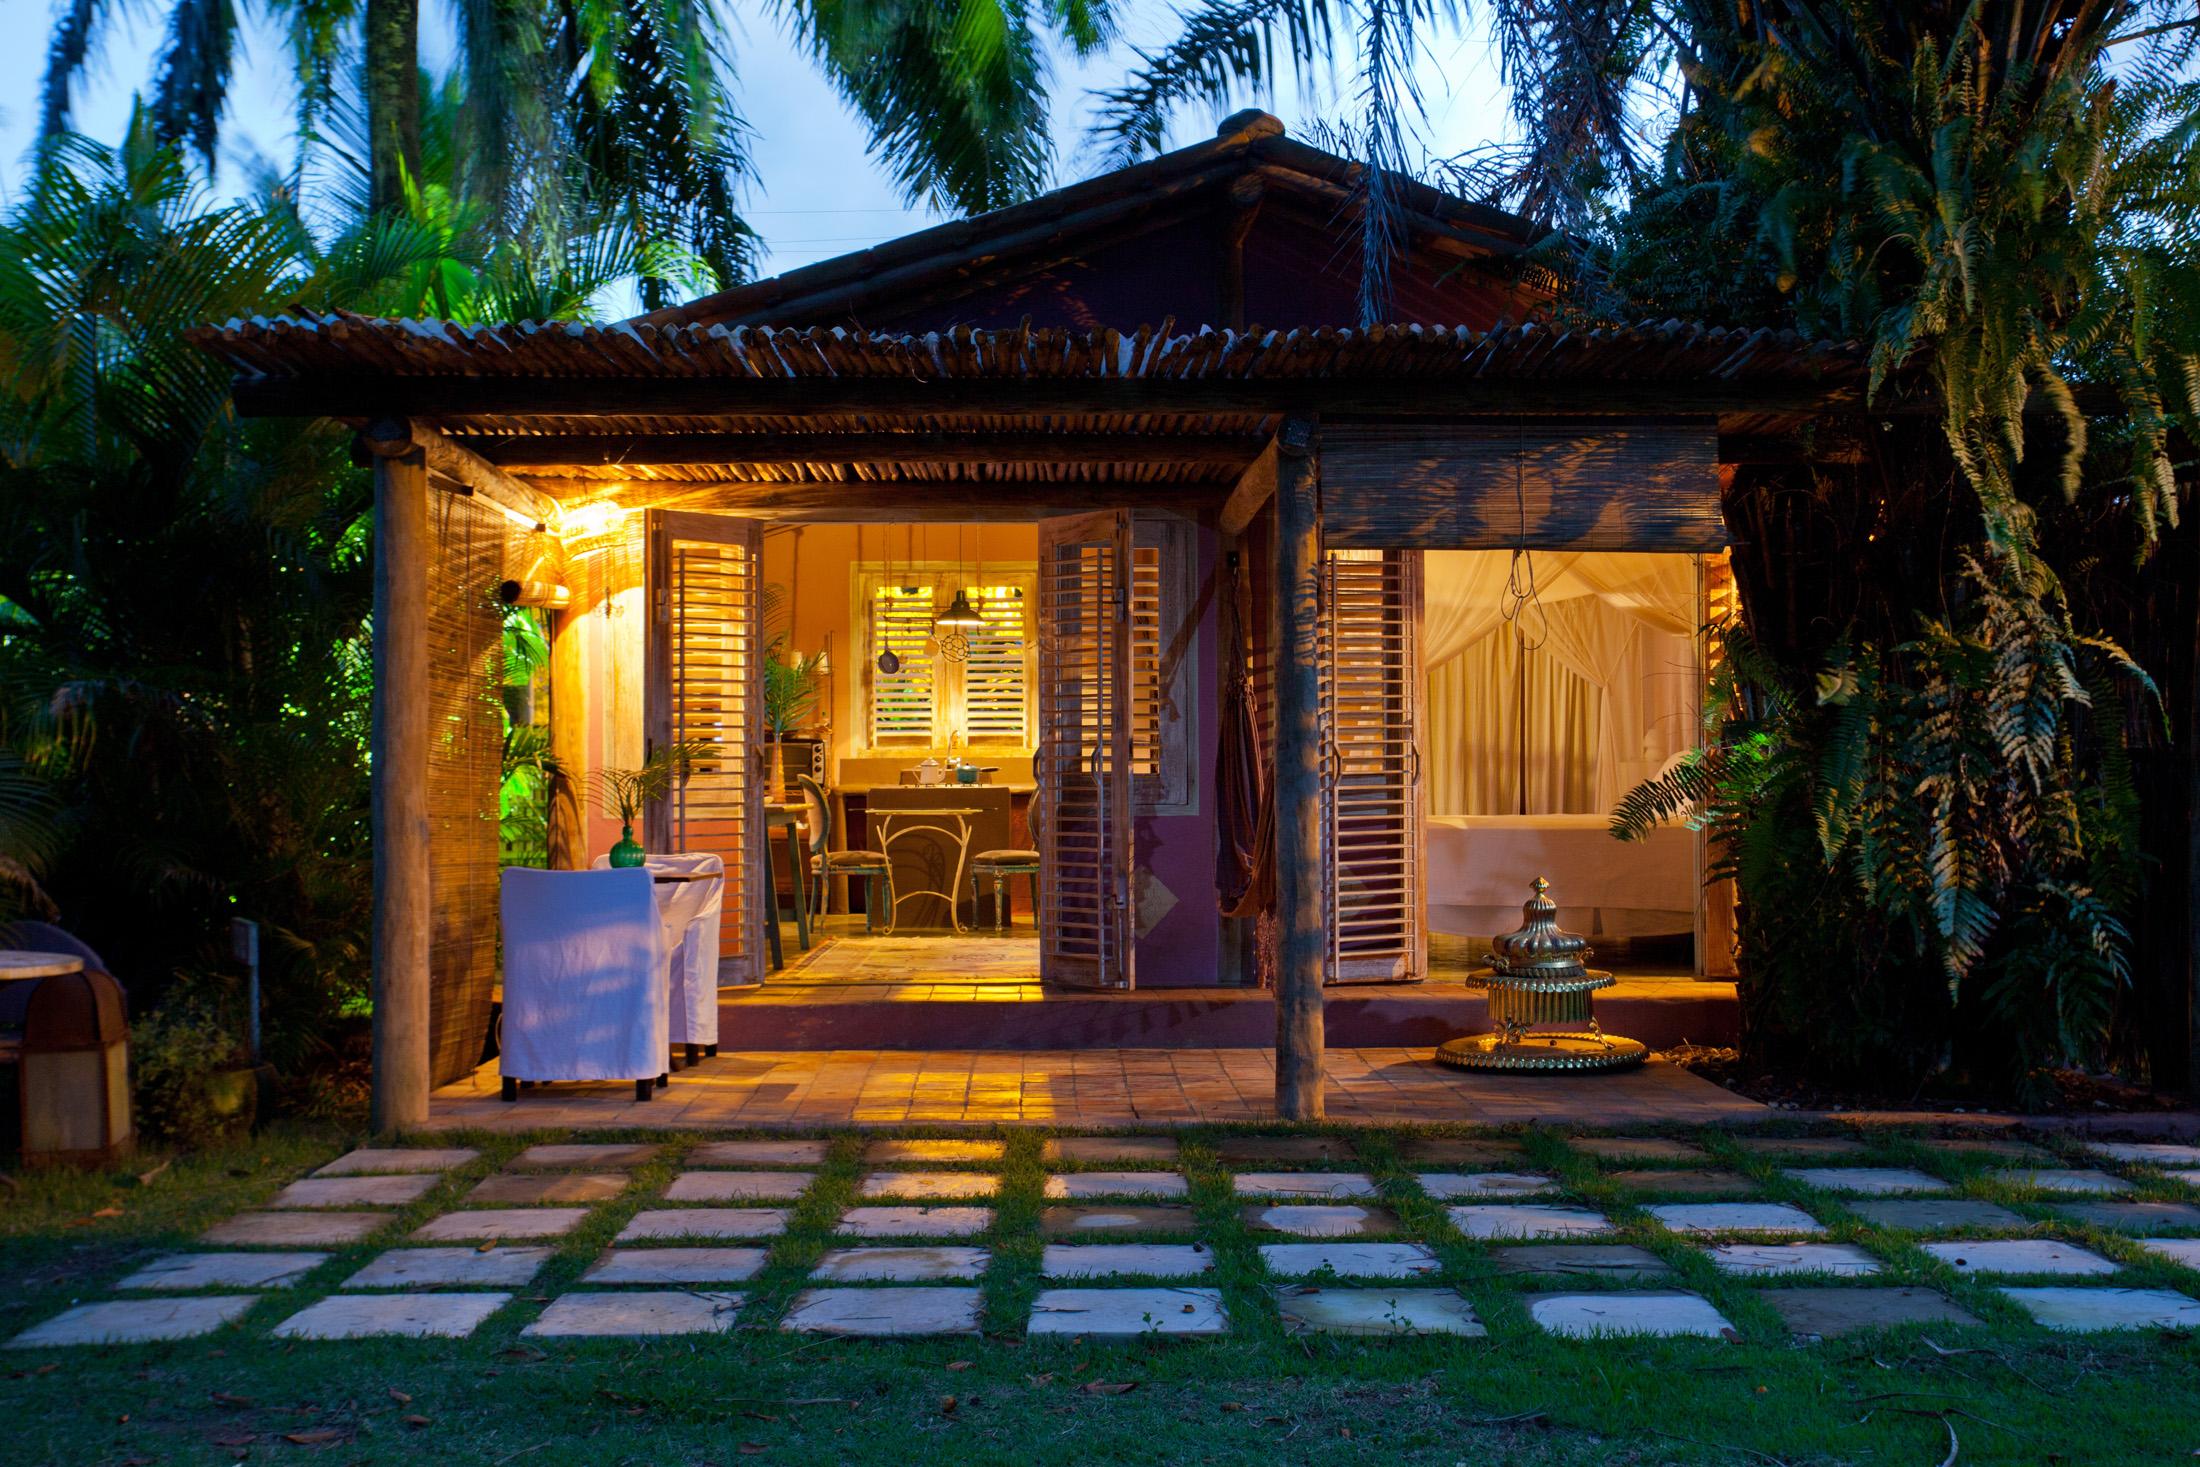 Casa Manga in Casas da Vila